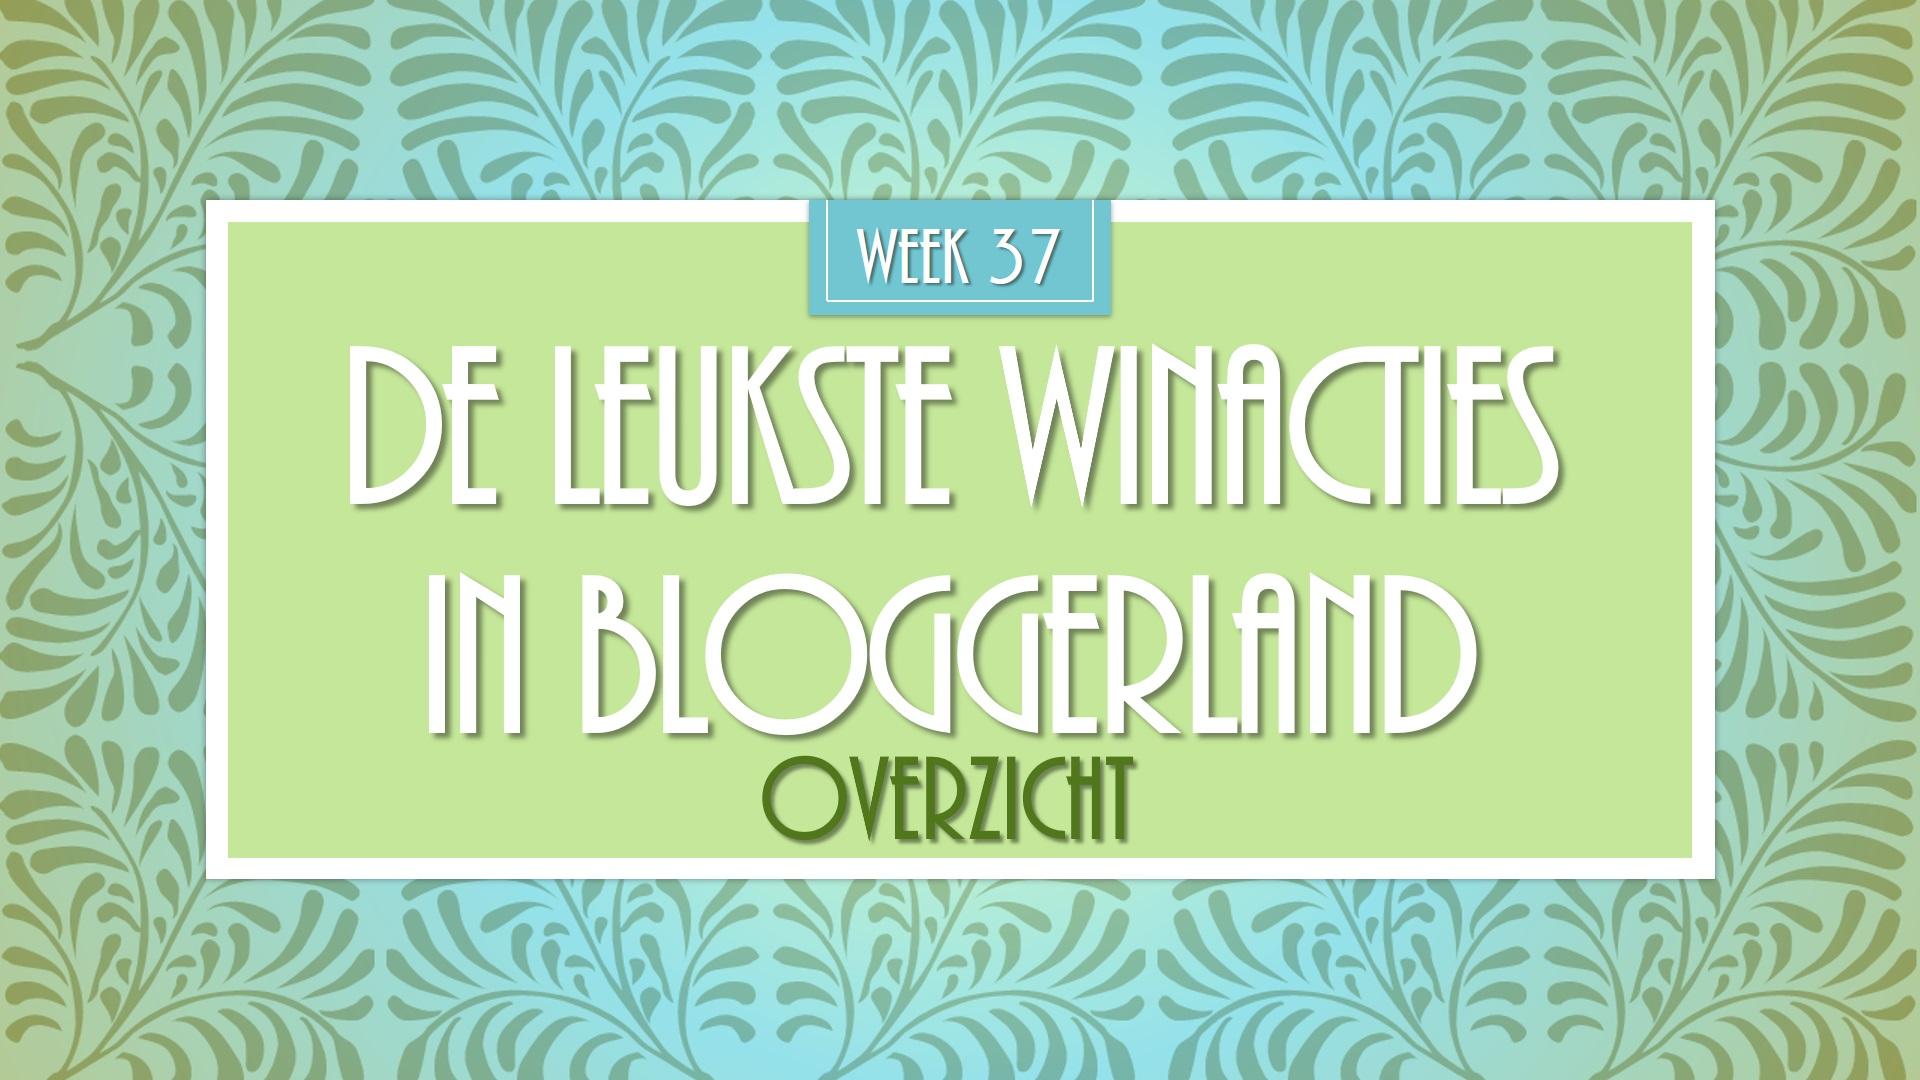 winactie week 37